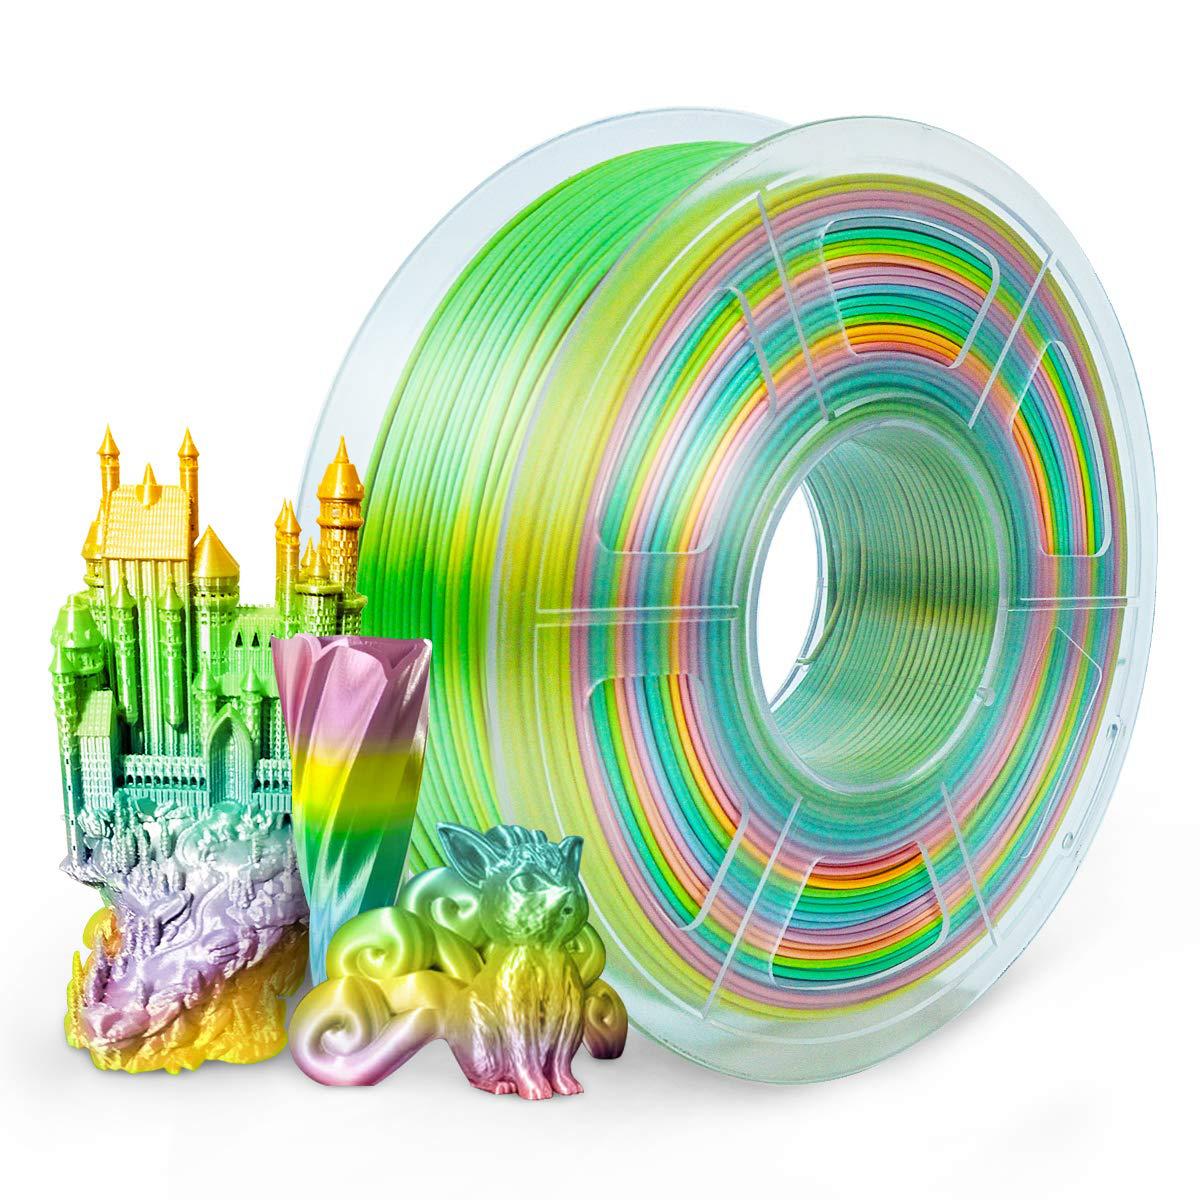 PLA Filament 1.75mm Silk Rainbow Multicolor, SUNLU Multicolor Filament PLA 1.75m